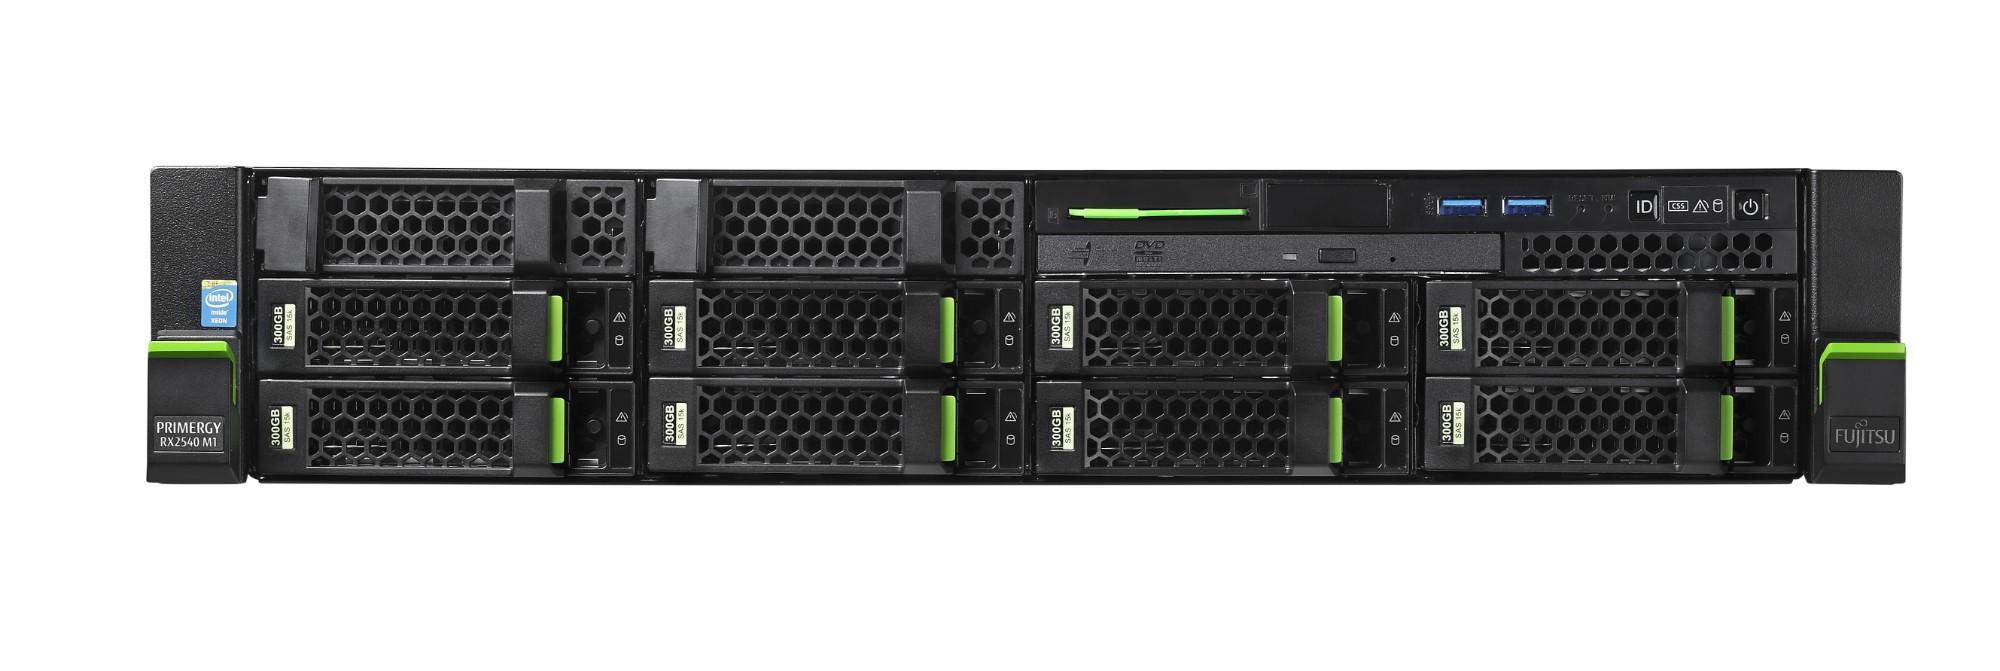 Fujitsu PRIMERGY RX2540 M2 2.1GHz E5-2620V4 800W Rack (2U) server